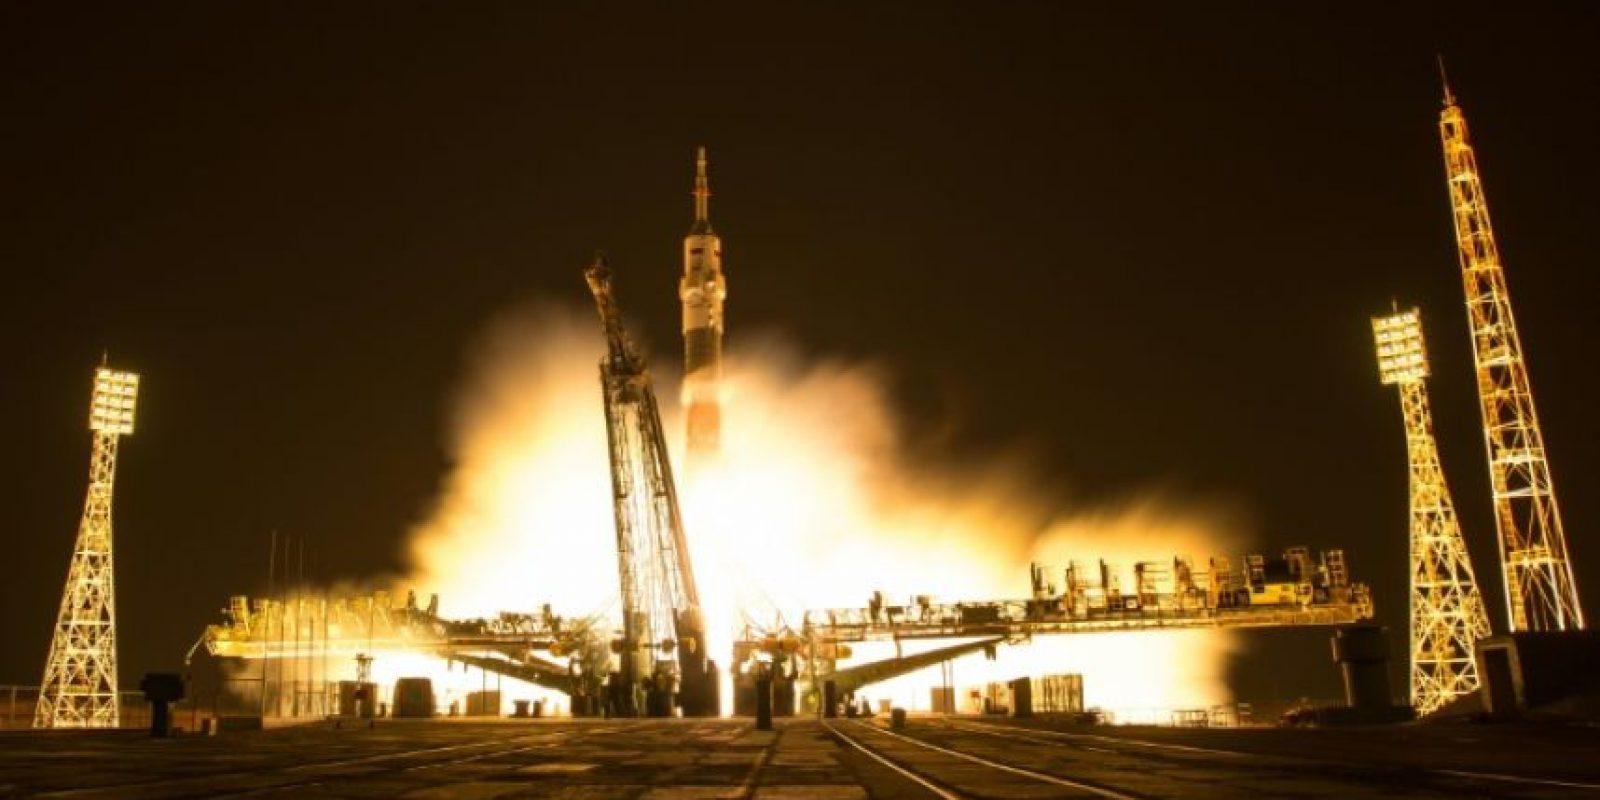 La nave rusa Soyuz despega del cosmódromo de Baikonur el 18 de noviembre de 2016 Foto:NASA/Bill Ingalls/afp.com